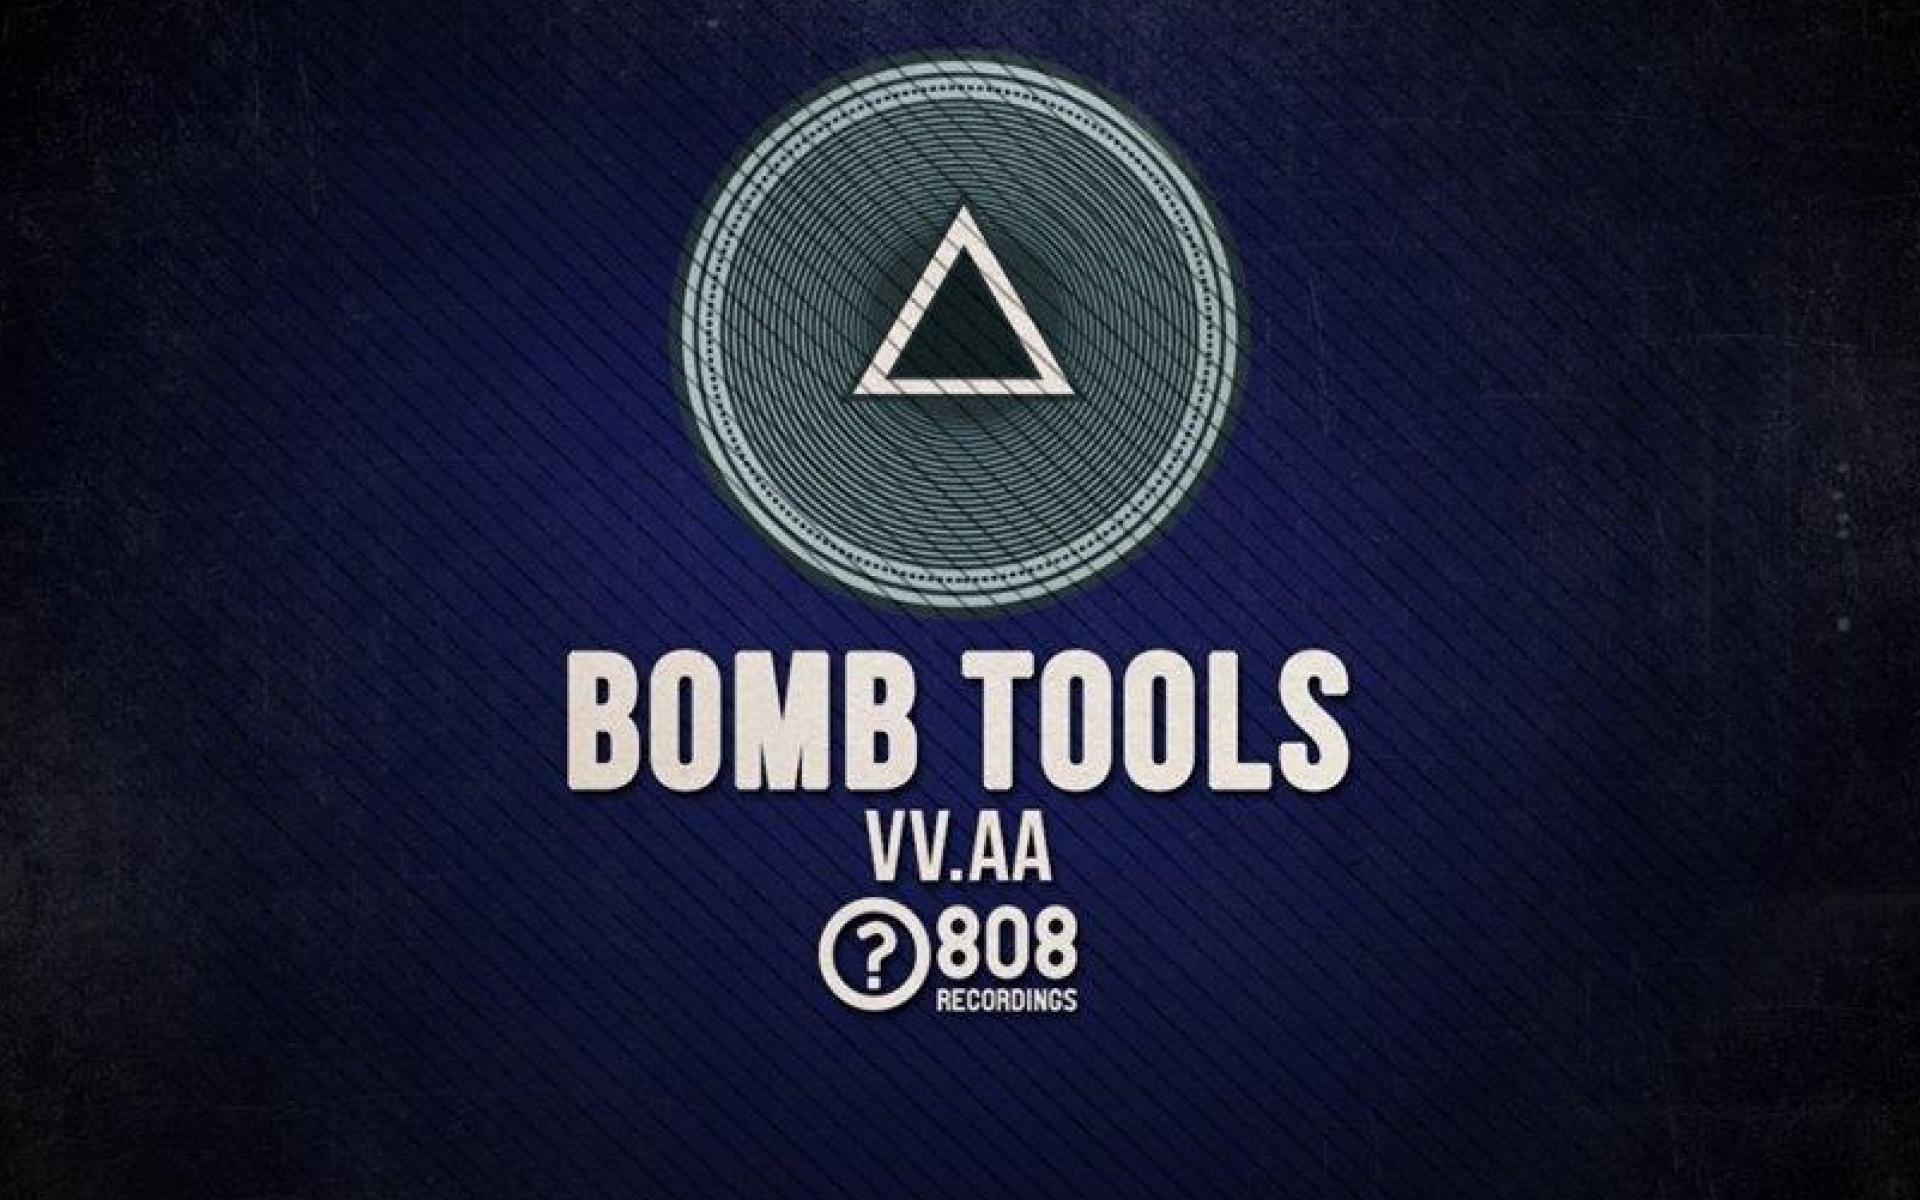 VV.AA. Bomb Tools